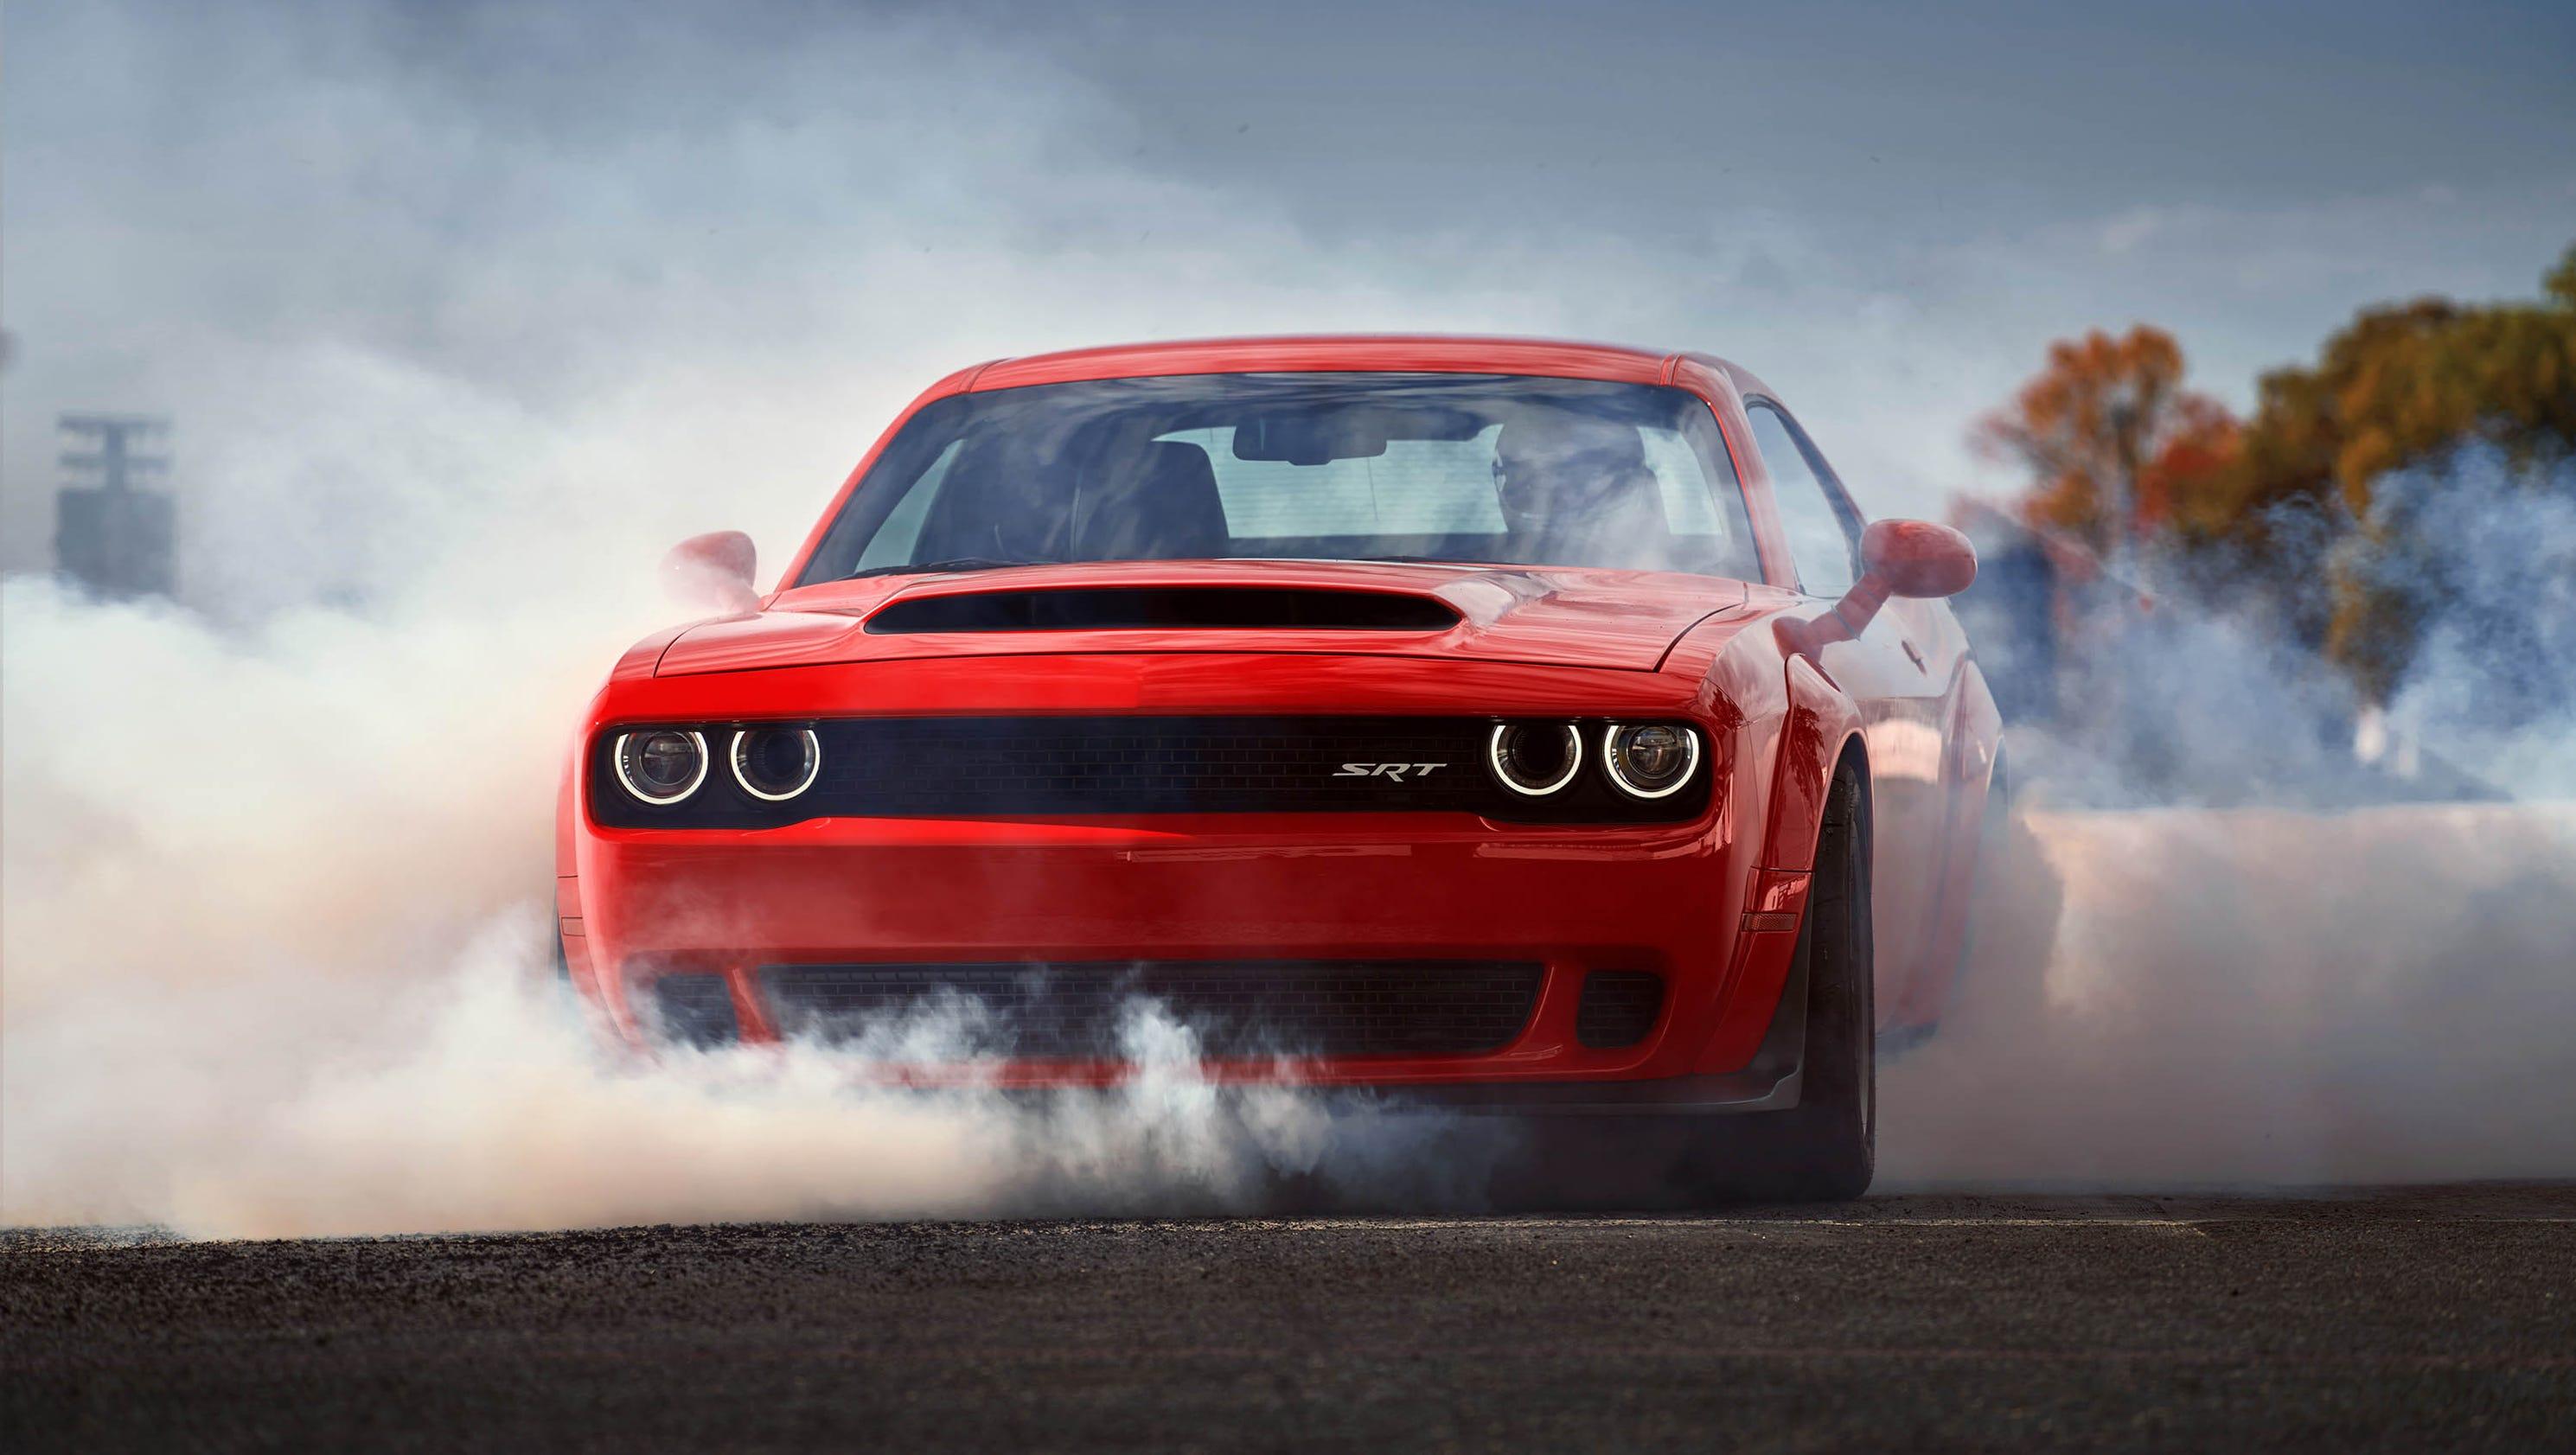 Whoa! Dodge Challenger SRT Demon to get 840 horsepower